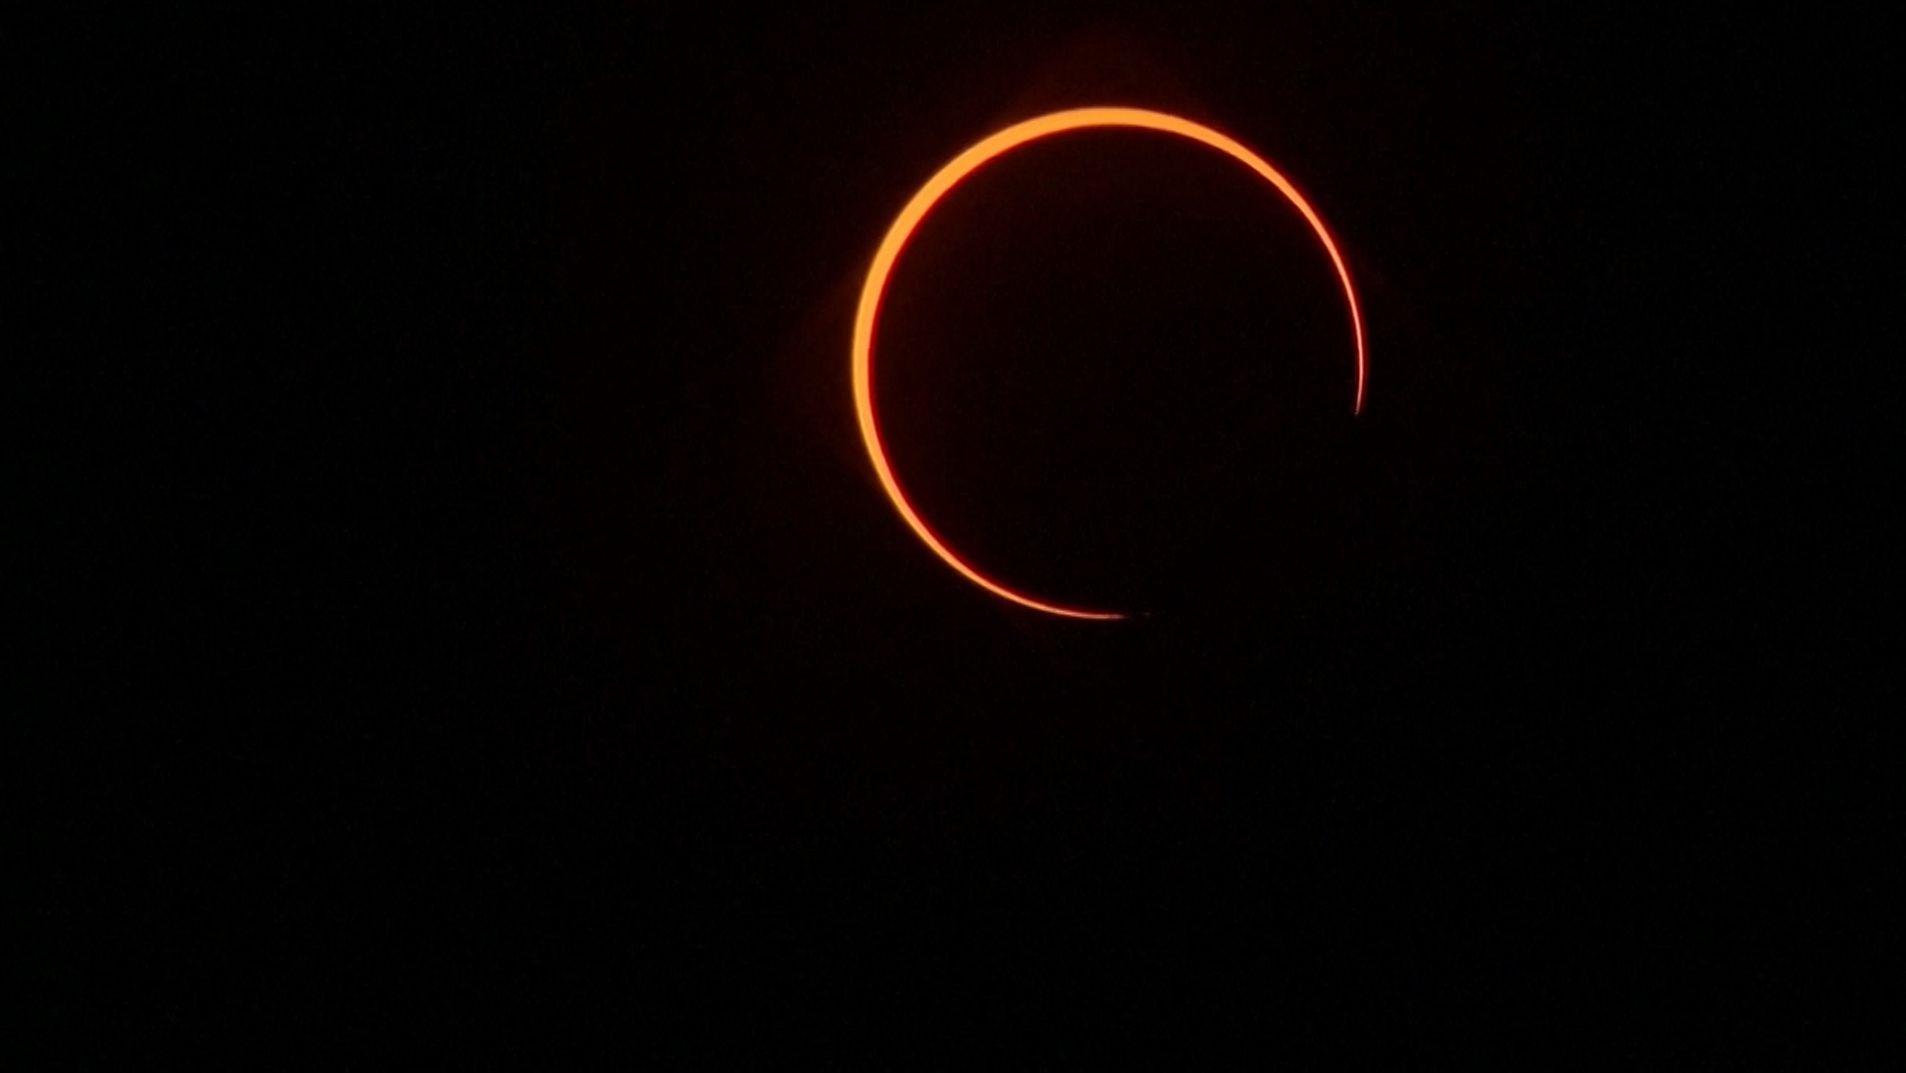 Ringförmige Sonnenfinsternis – aufgenommen in Singapur